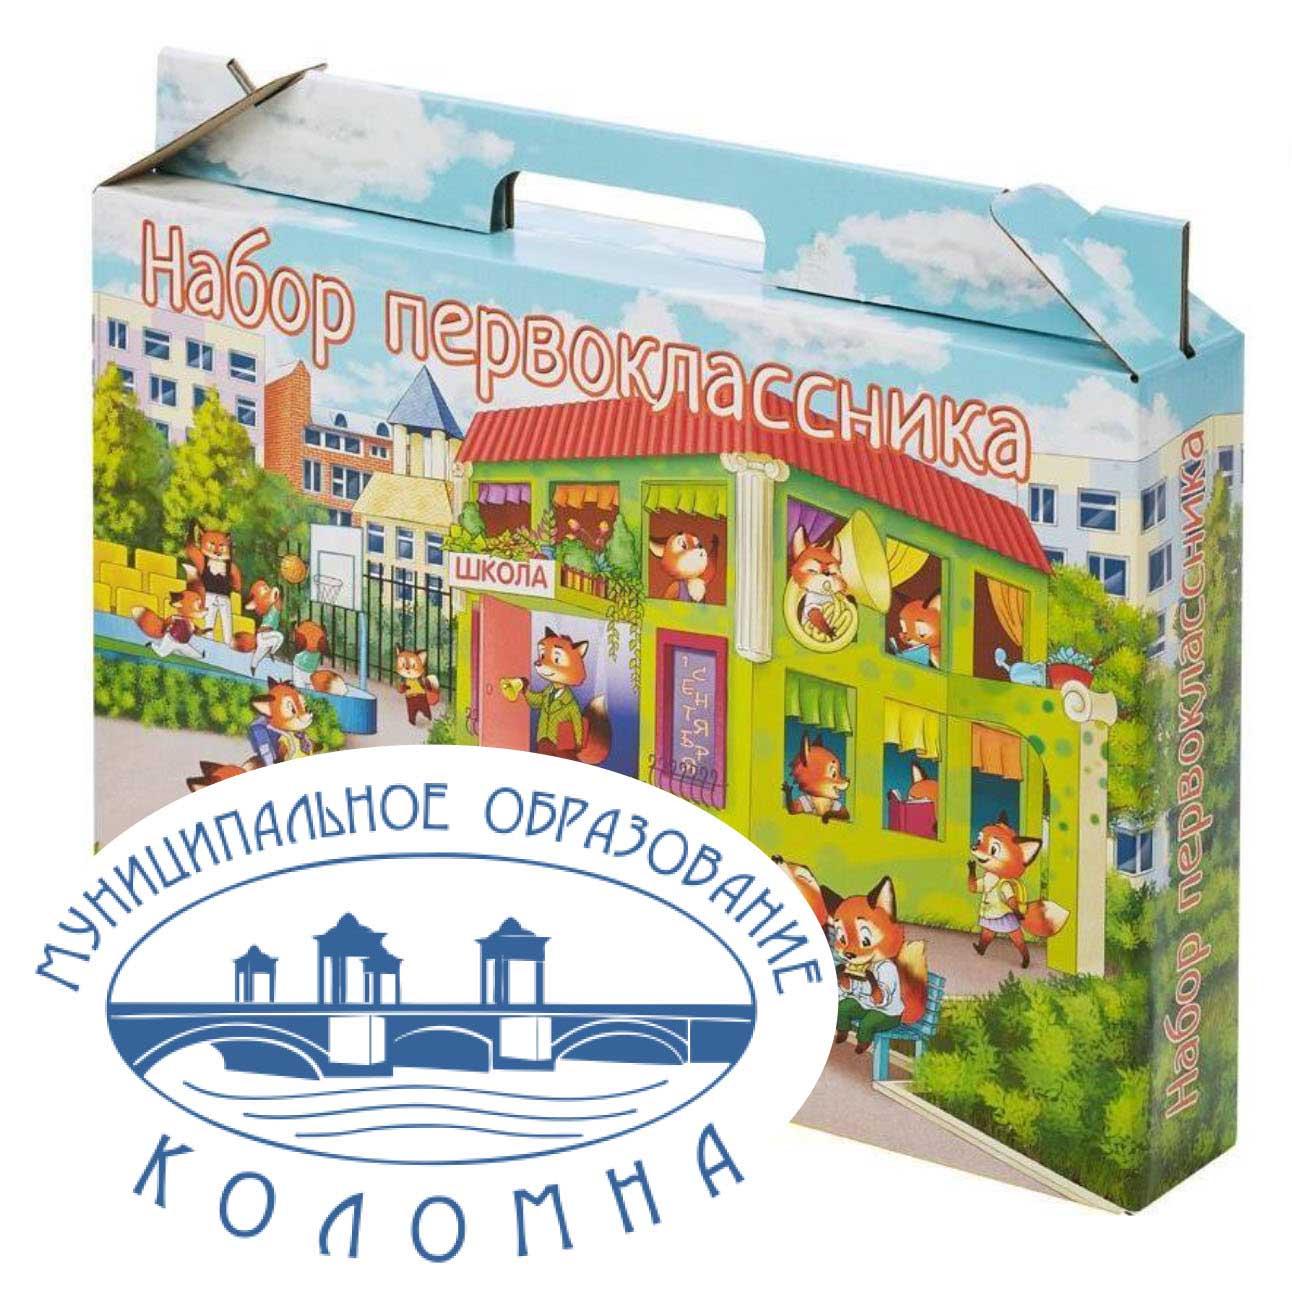 Магазины сувениров в Коломне с адресами, отзывами и фото 77